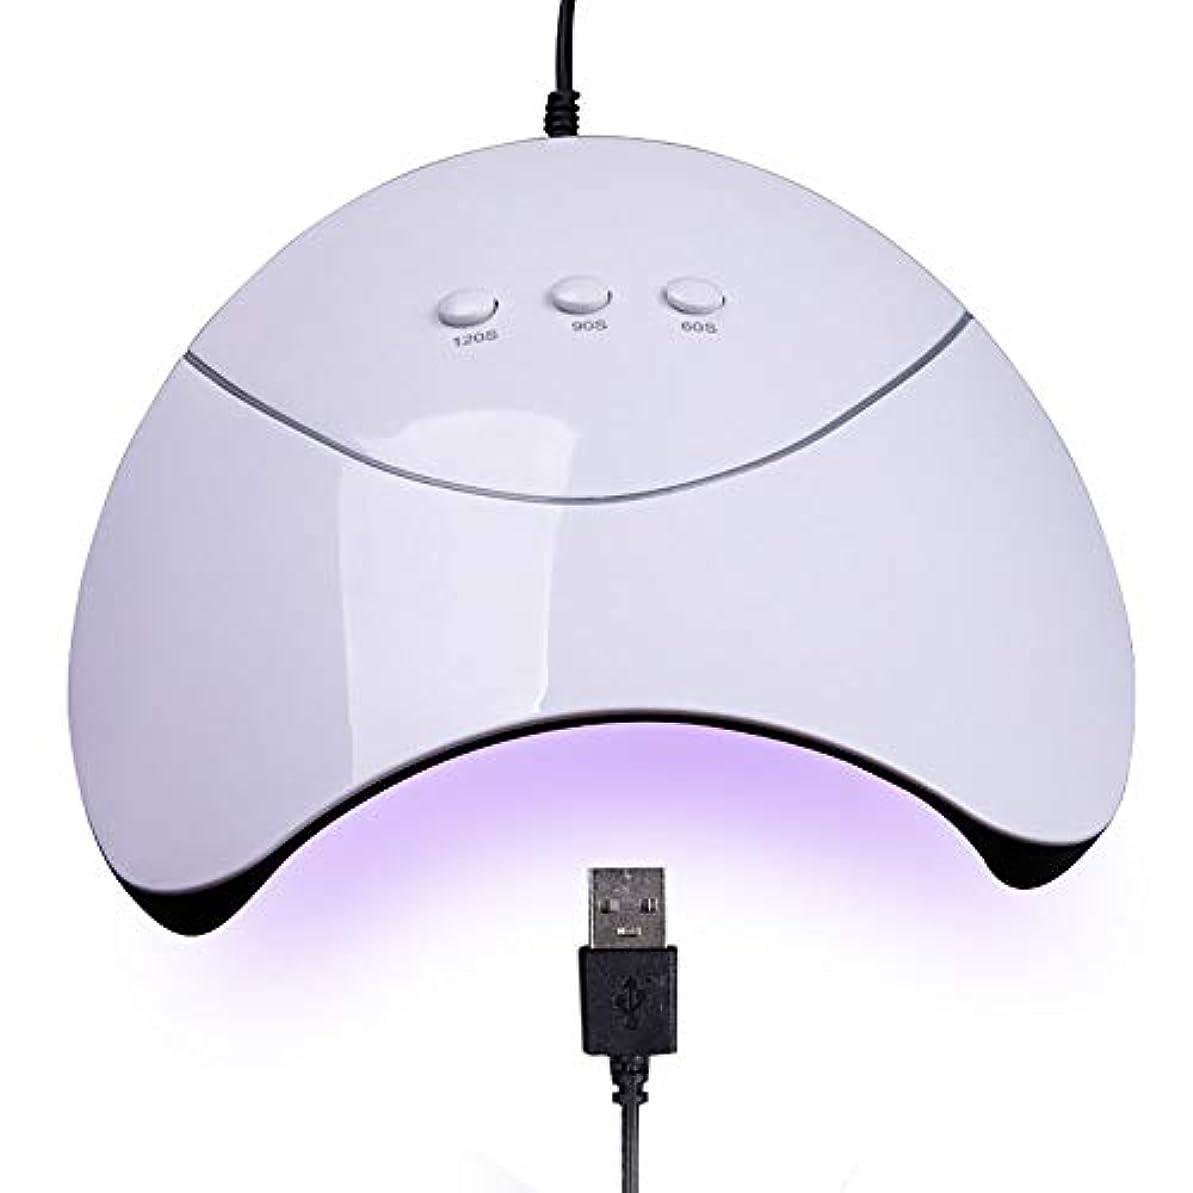 結晶注入小数釘のドライヤー - 自動赤外線センサー、二重光源のLEDランプのゲルのドライヤーのマニキュアが付いている紫外線携帯用LEDの釘ランプ